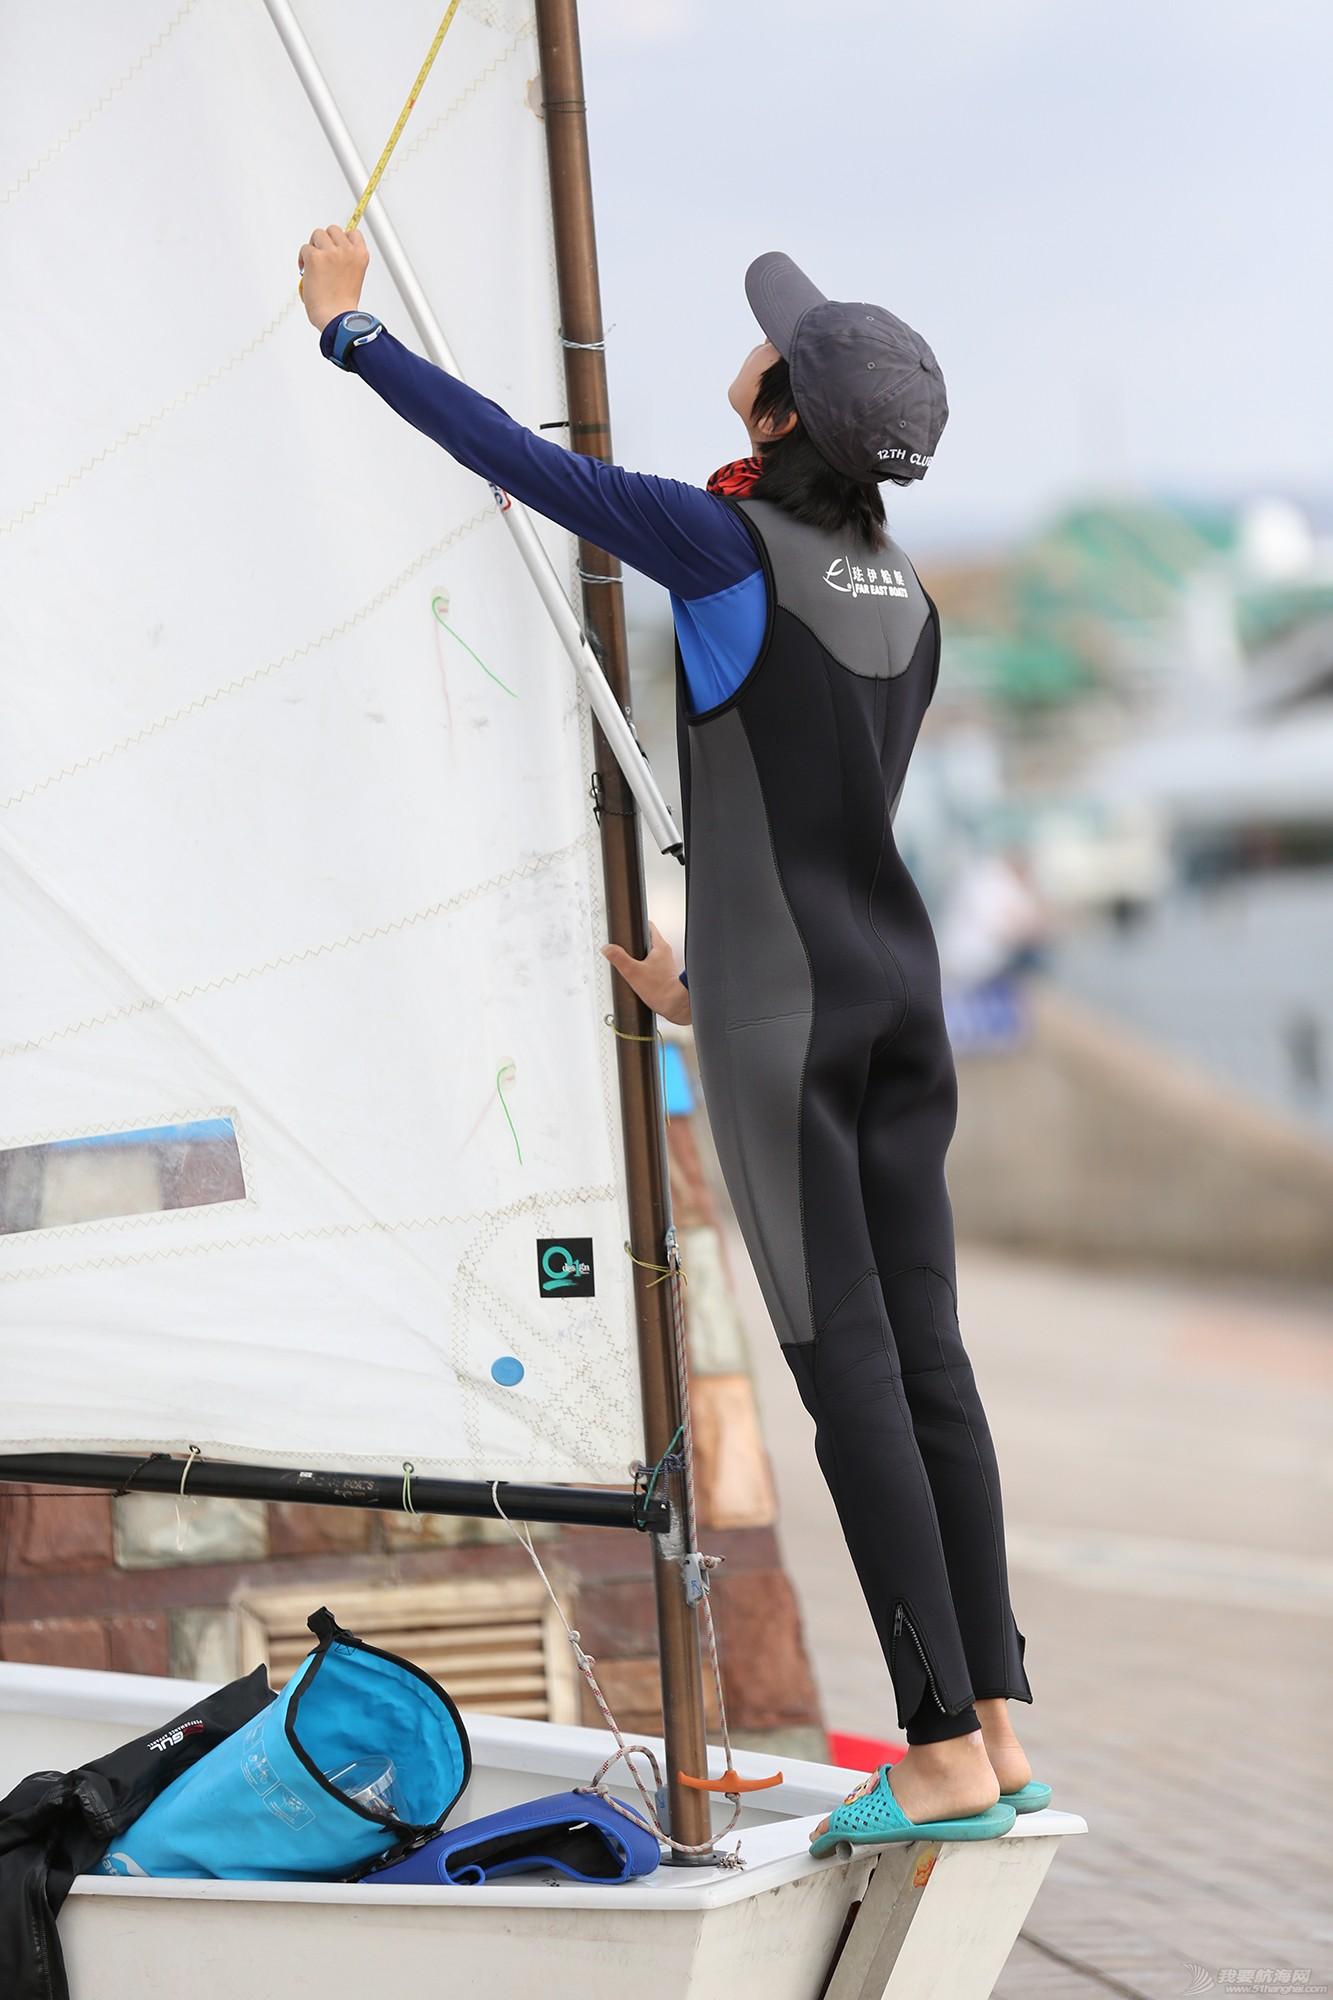 山东省,冠军赛,帆板,帆船 忙碌的赛前准备——山东省帆船帆板冠军赛花絮 5V8A9444.JPG